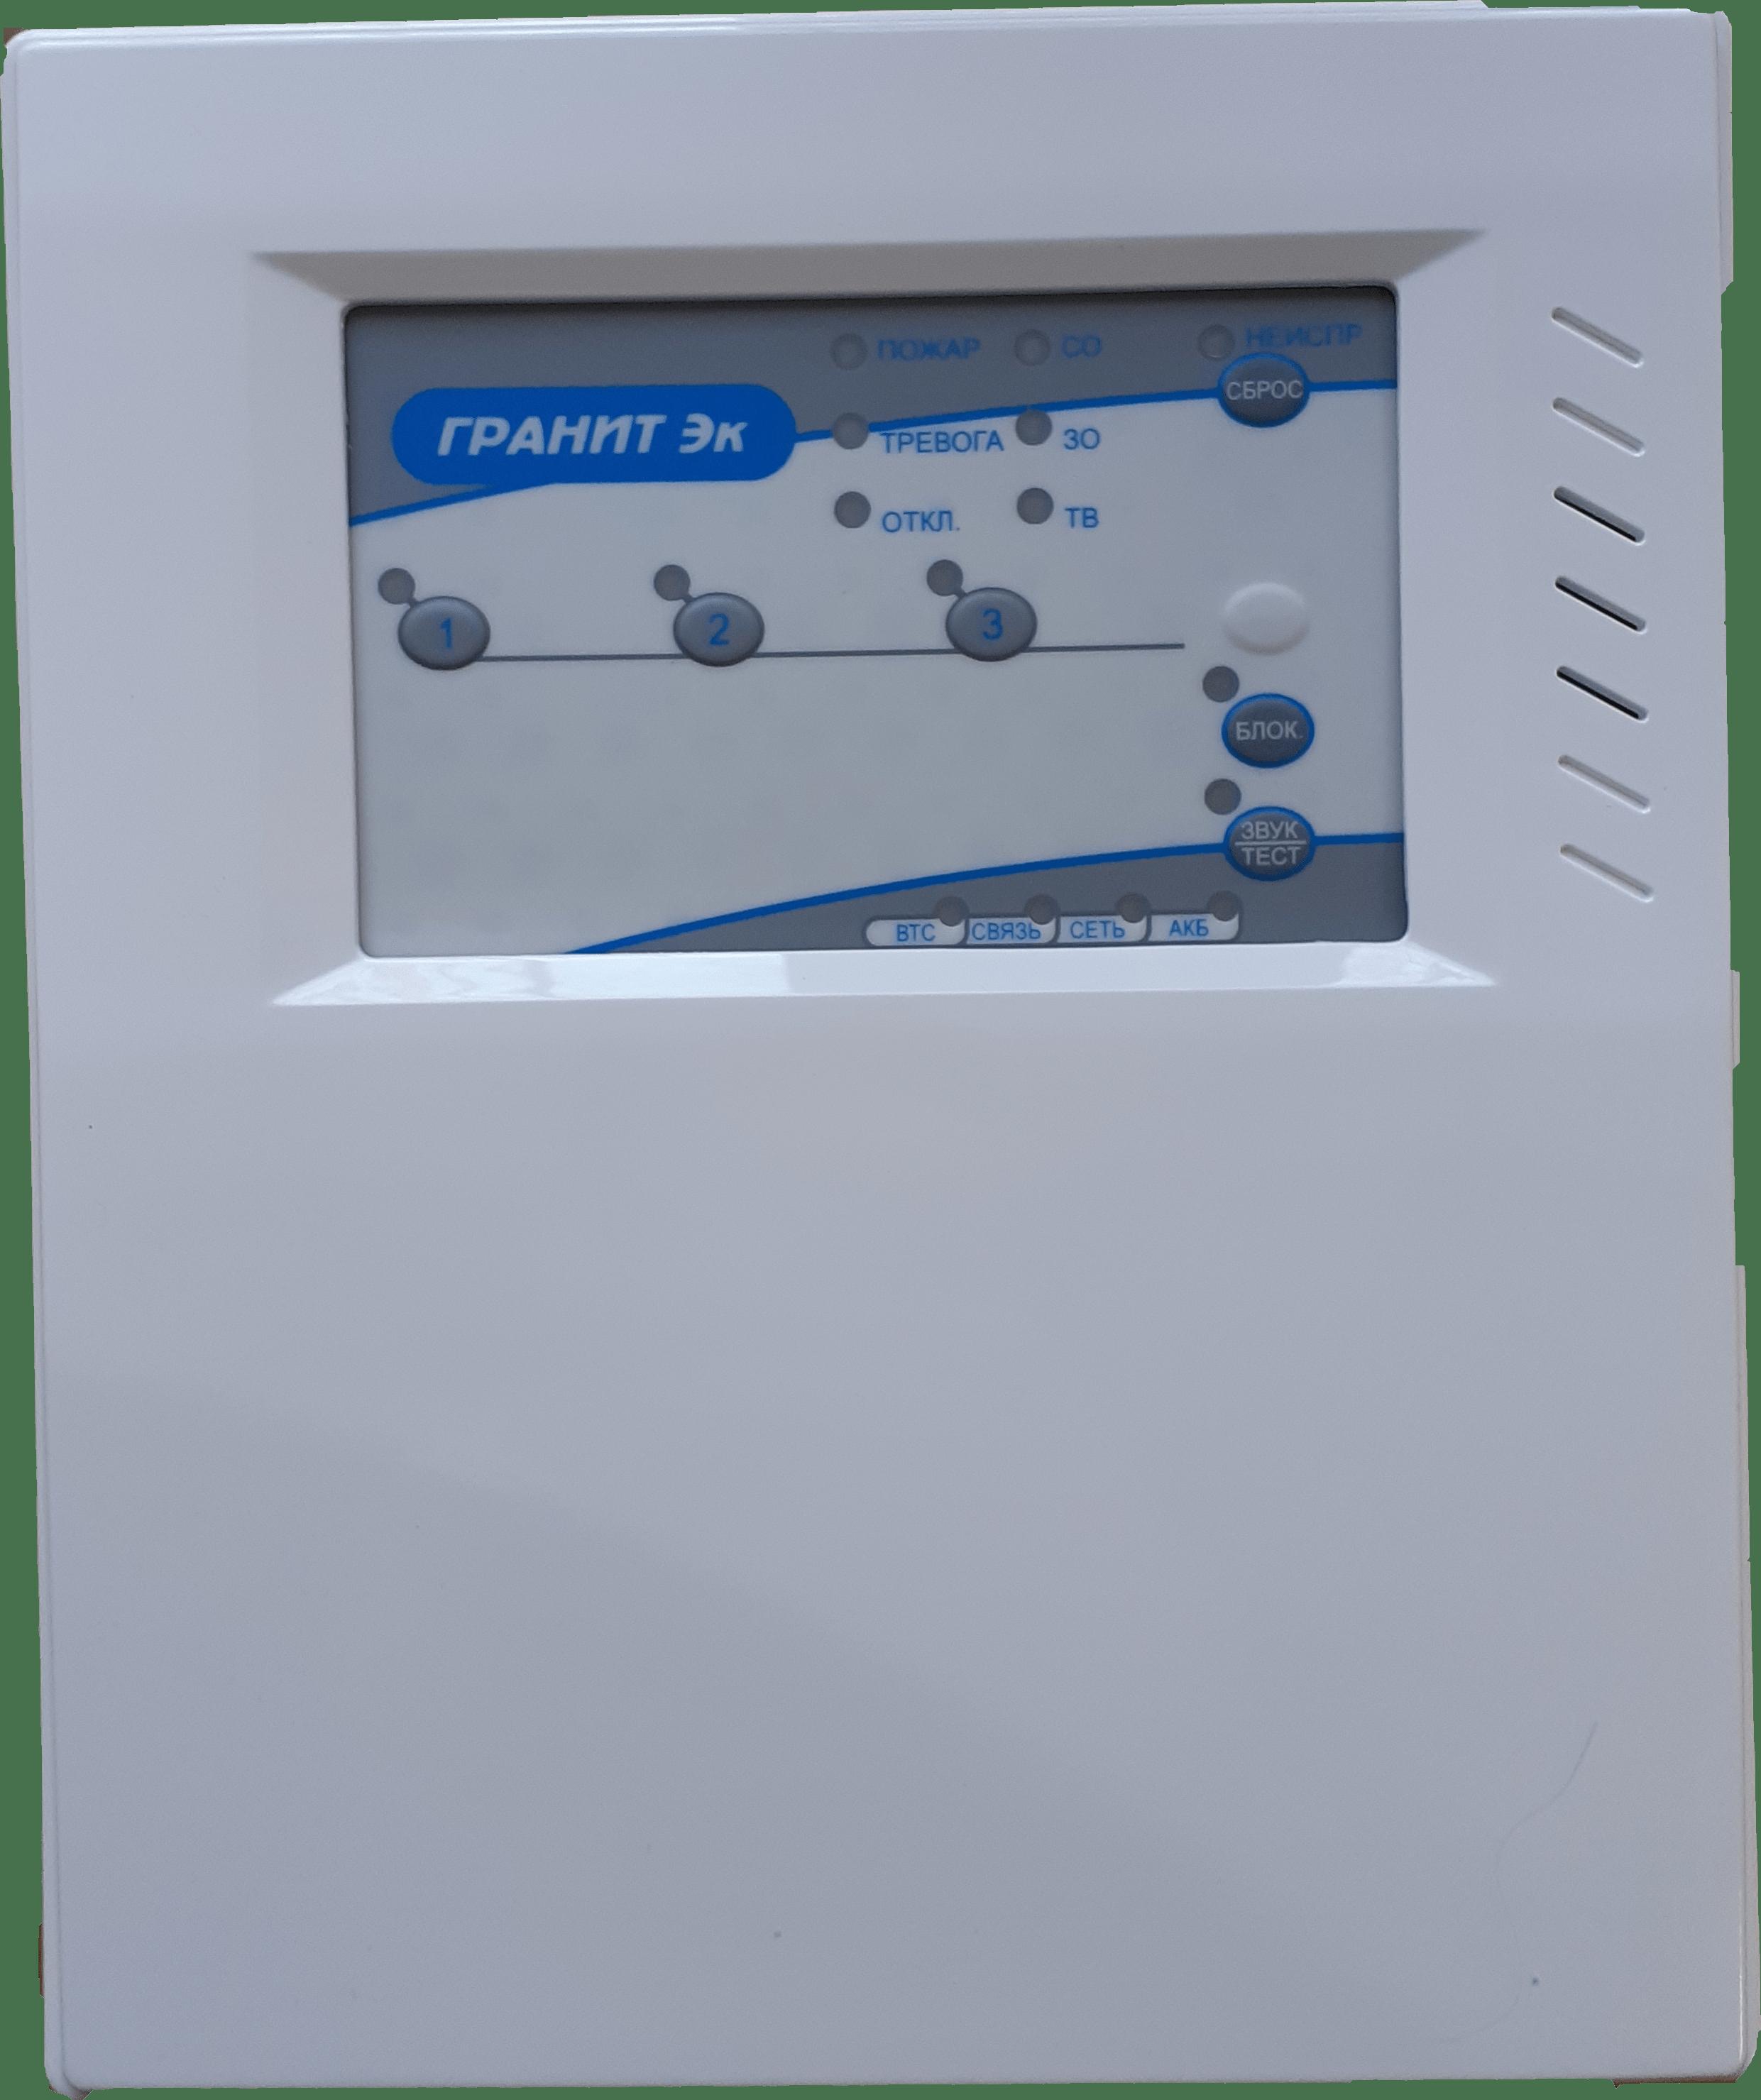 Гранит-3 Эк, Гранит, ПКП, Сибирский арсенал, АЦСТБ, ЦСТ